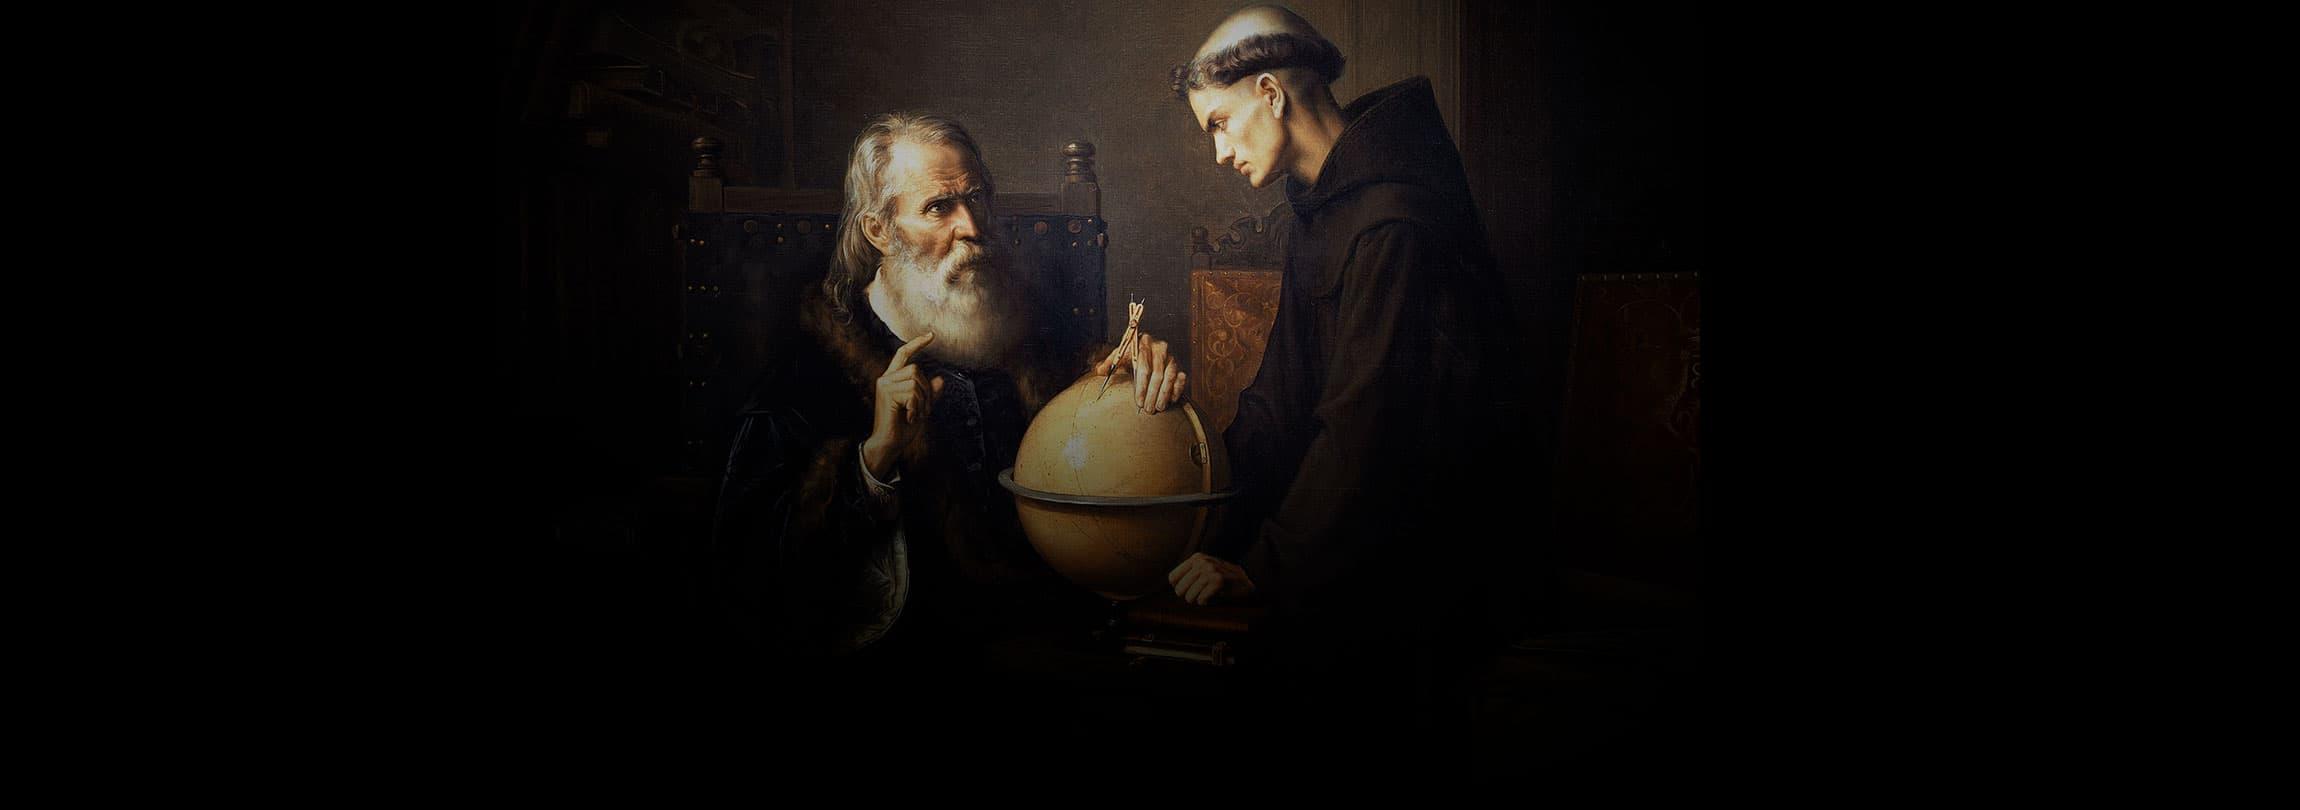 Quando a ciência é transformada em religião